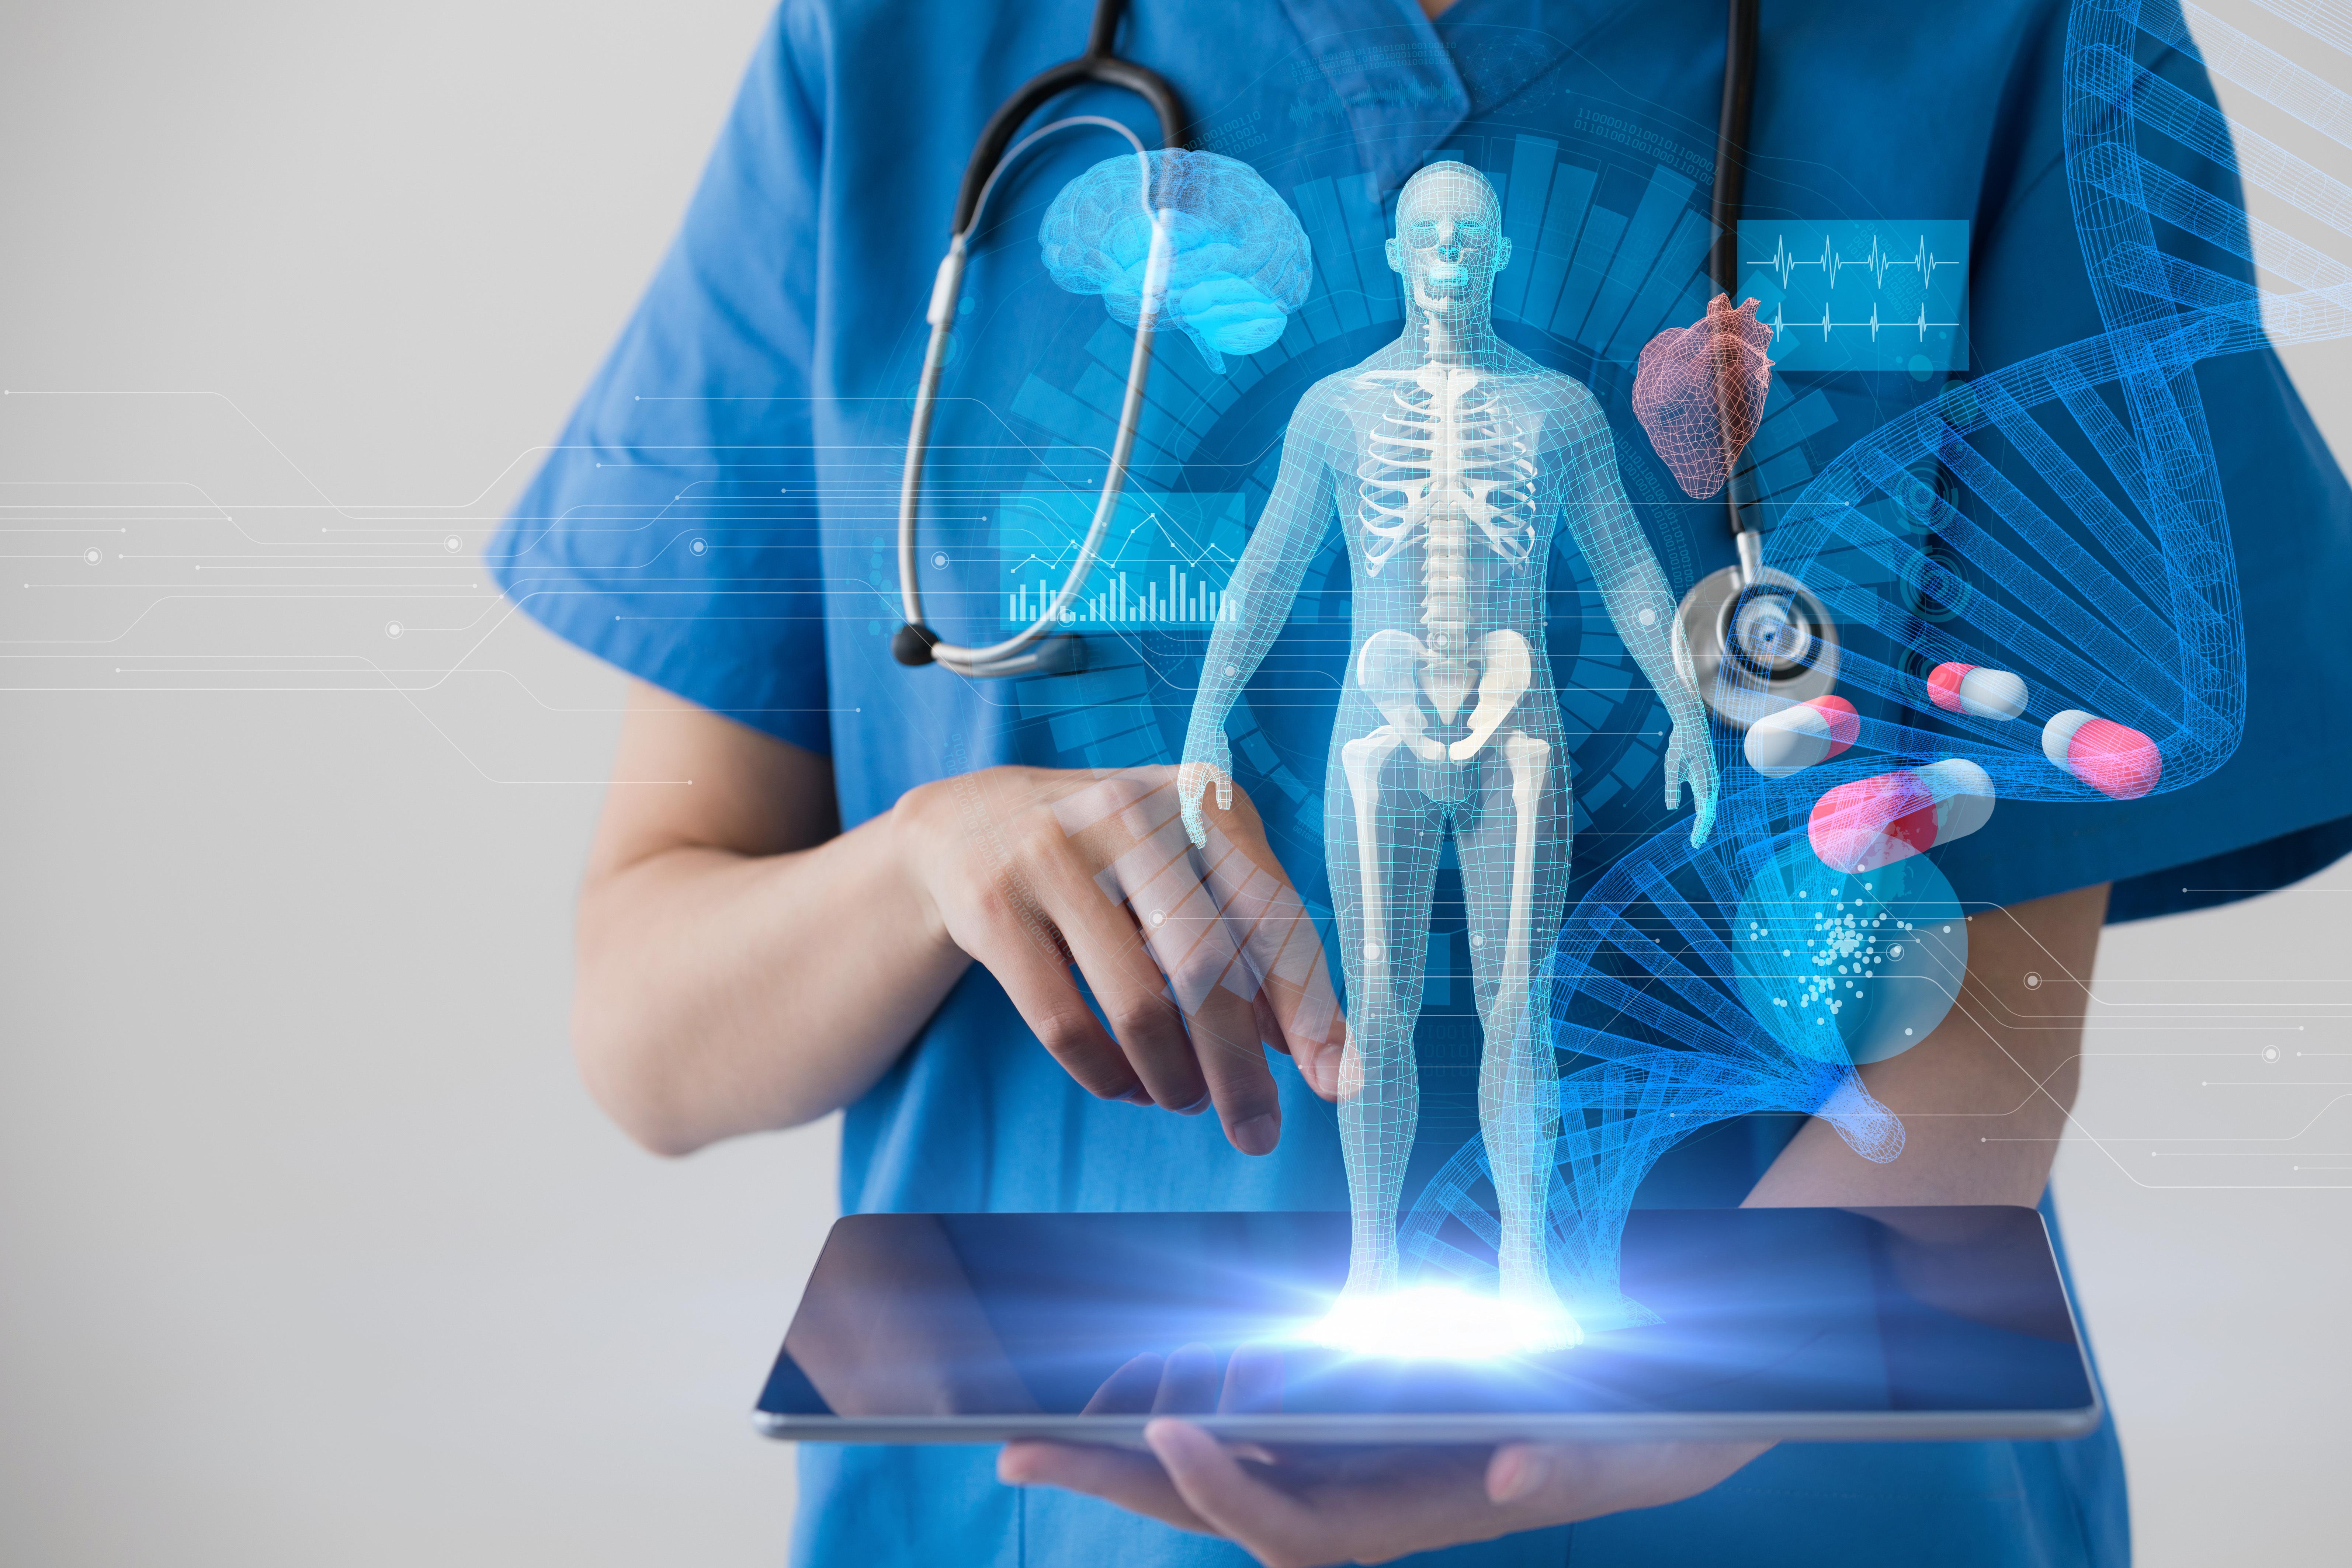 check the post:AI in Medicine in 2020 for a description of the image